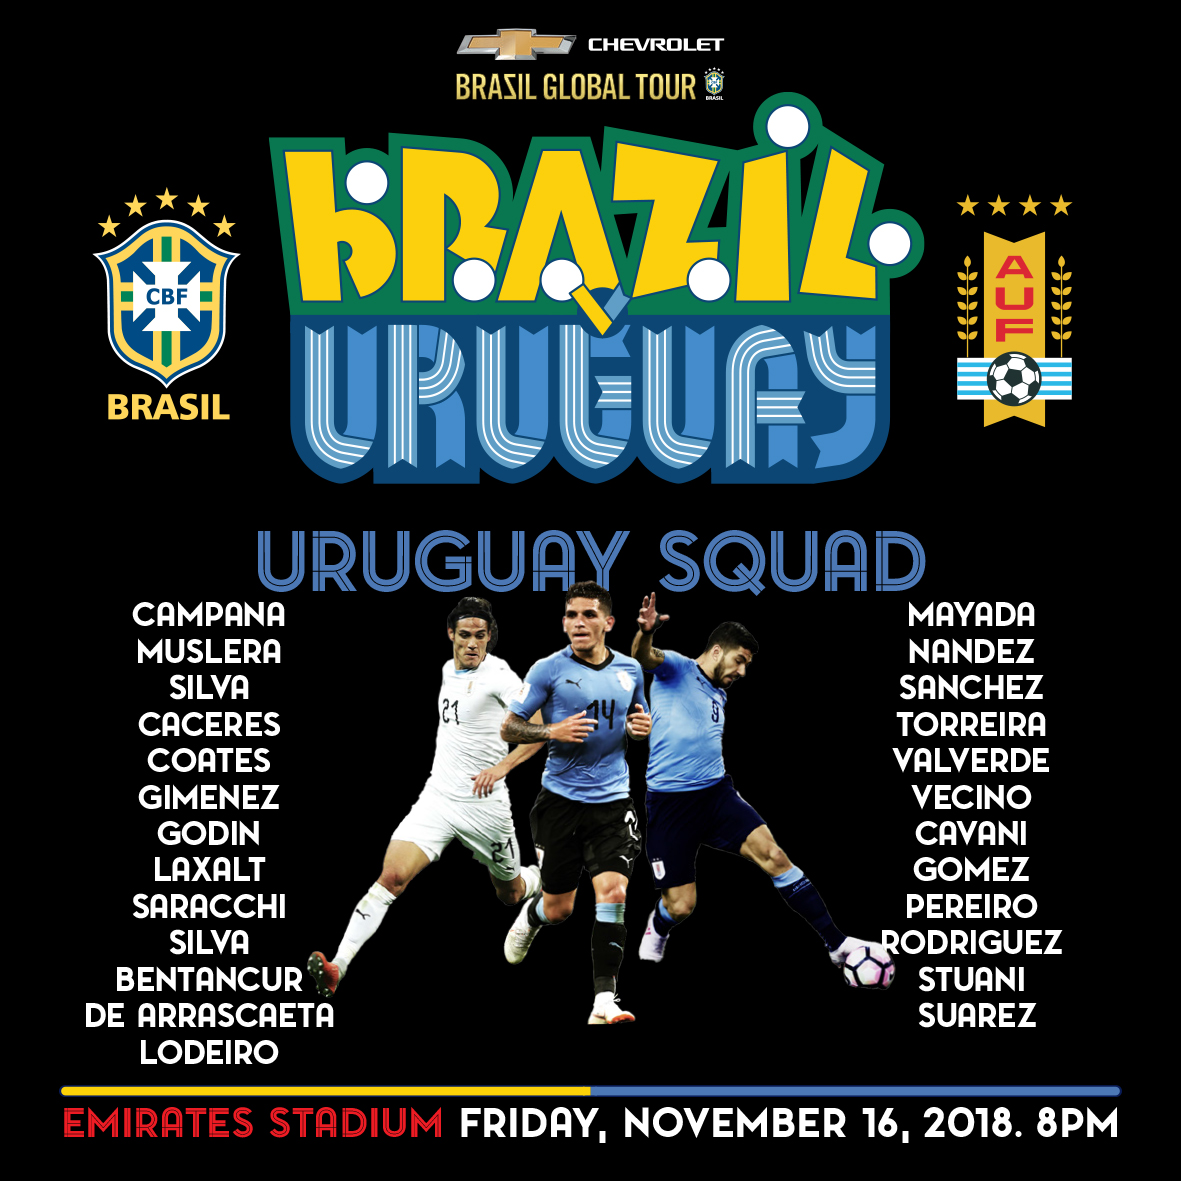 Uruguay squad 29102018